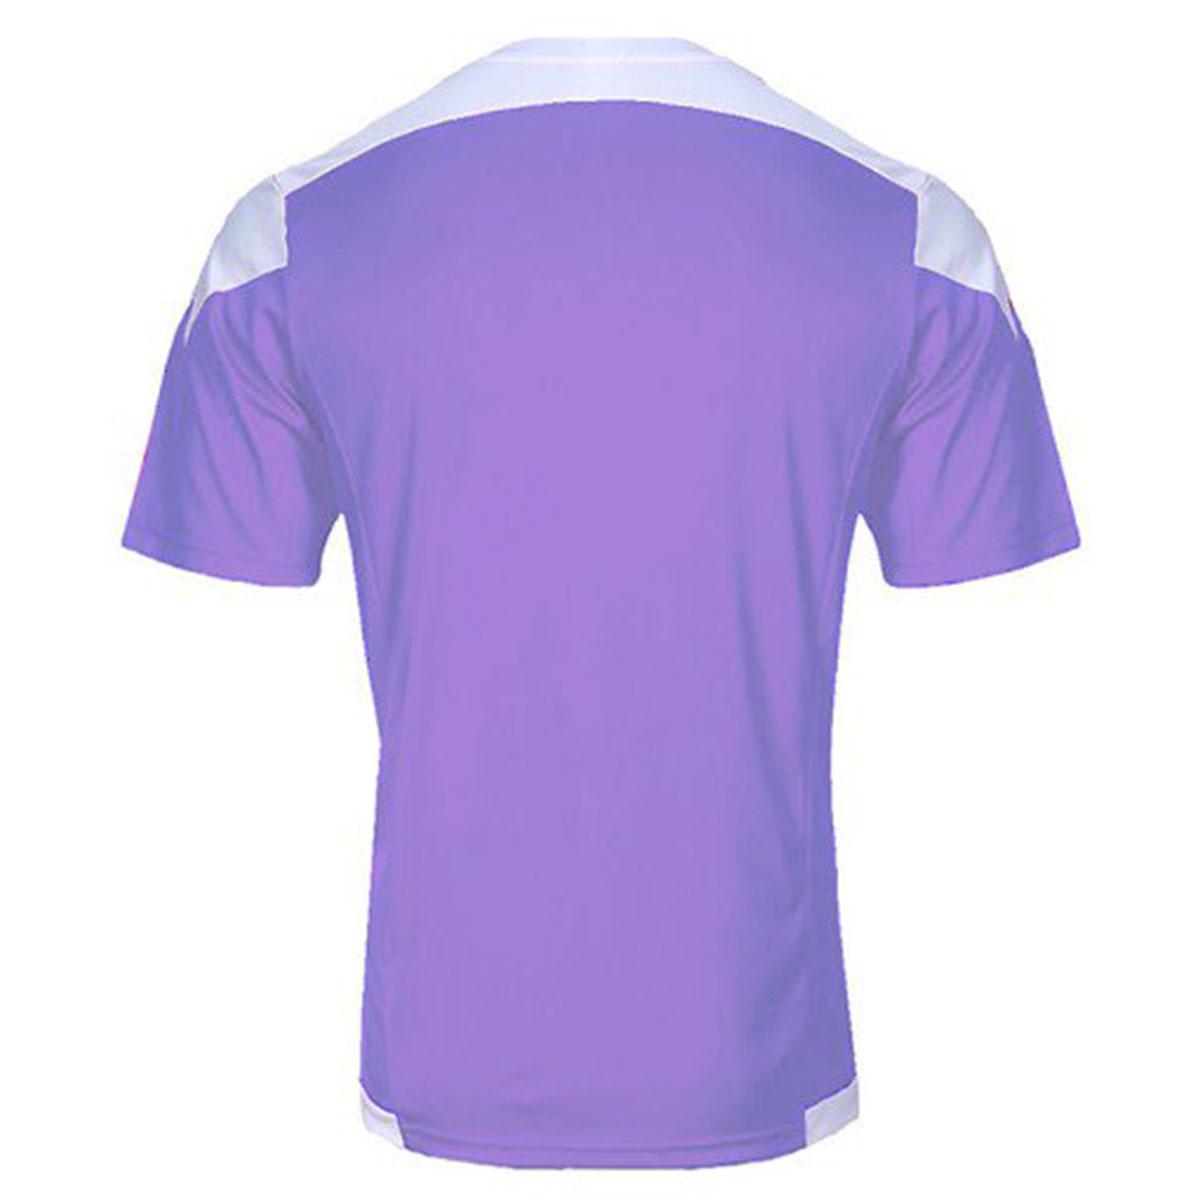 ストライプユニ(ロゴ有)薄紫×白 (SY16229)